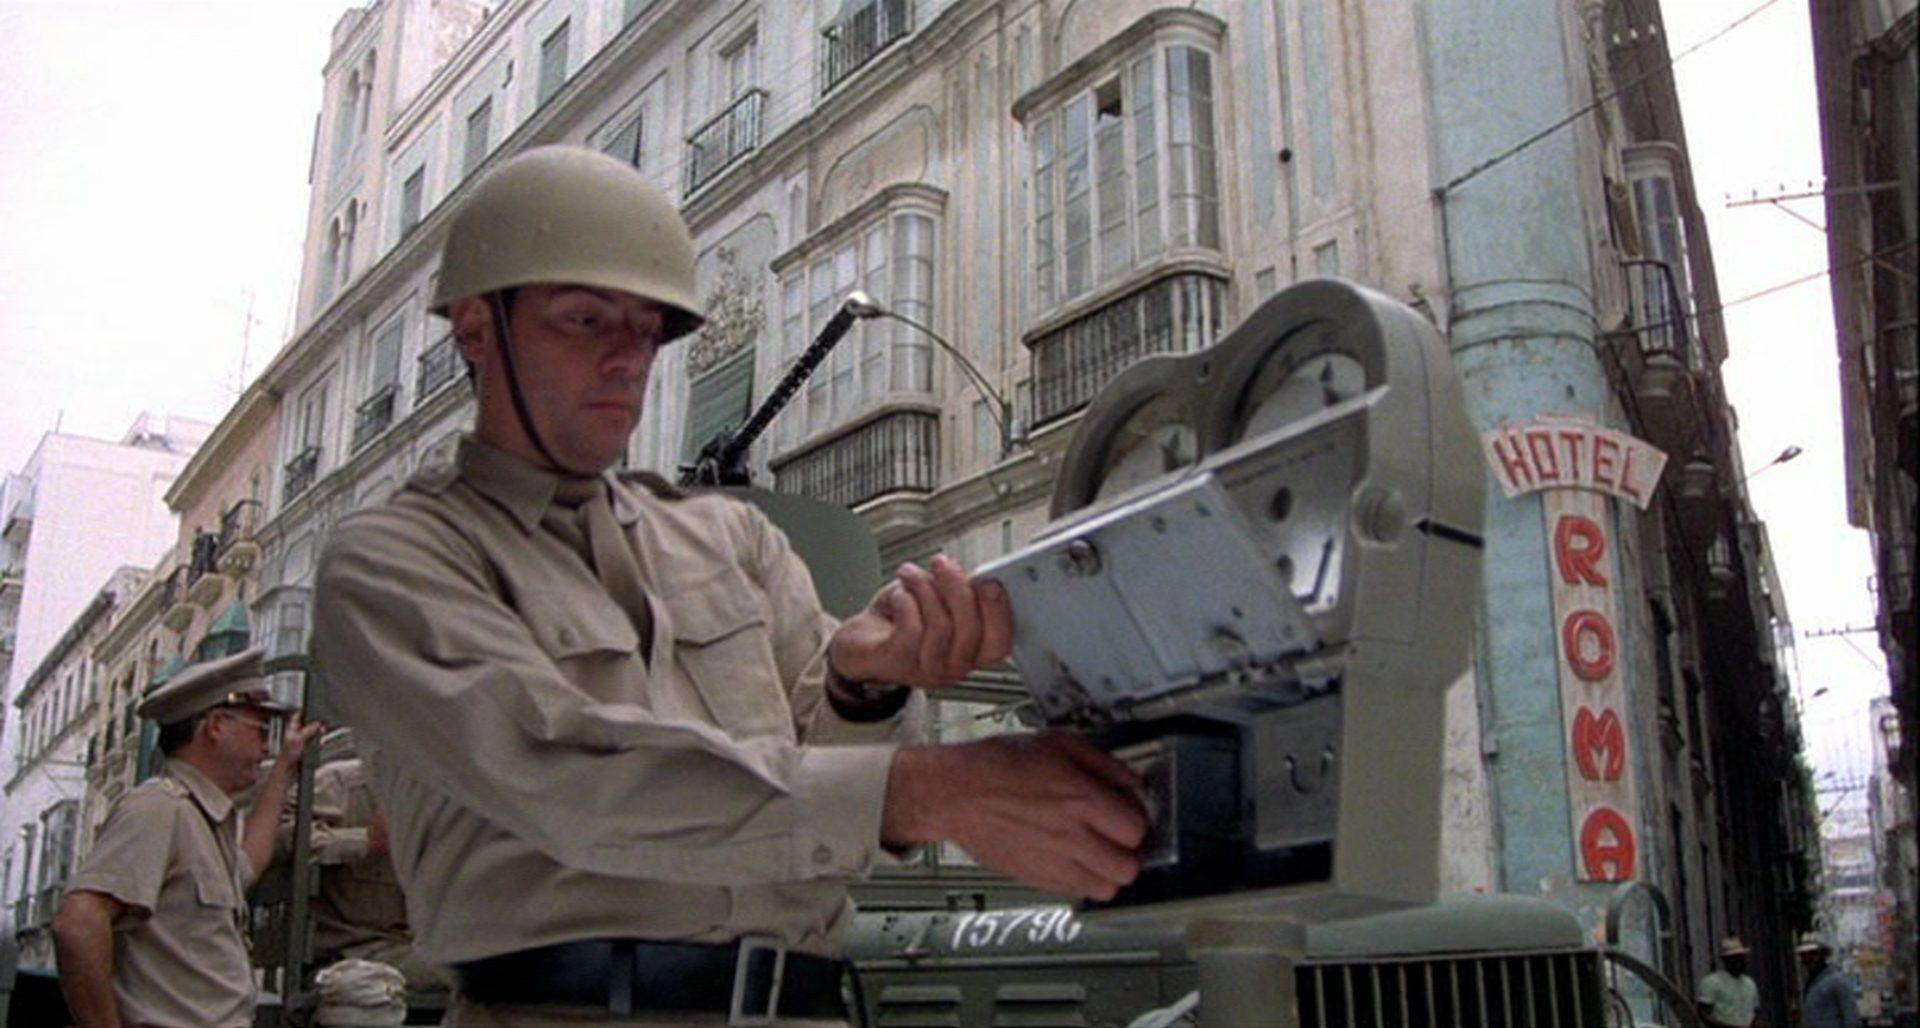 Nahaufnahme eines Soldaten in einer großstädtischen Straße.